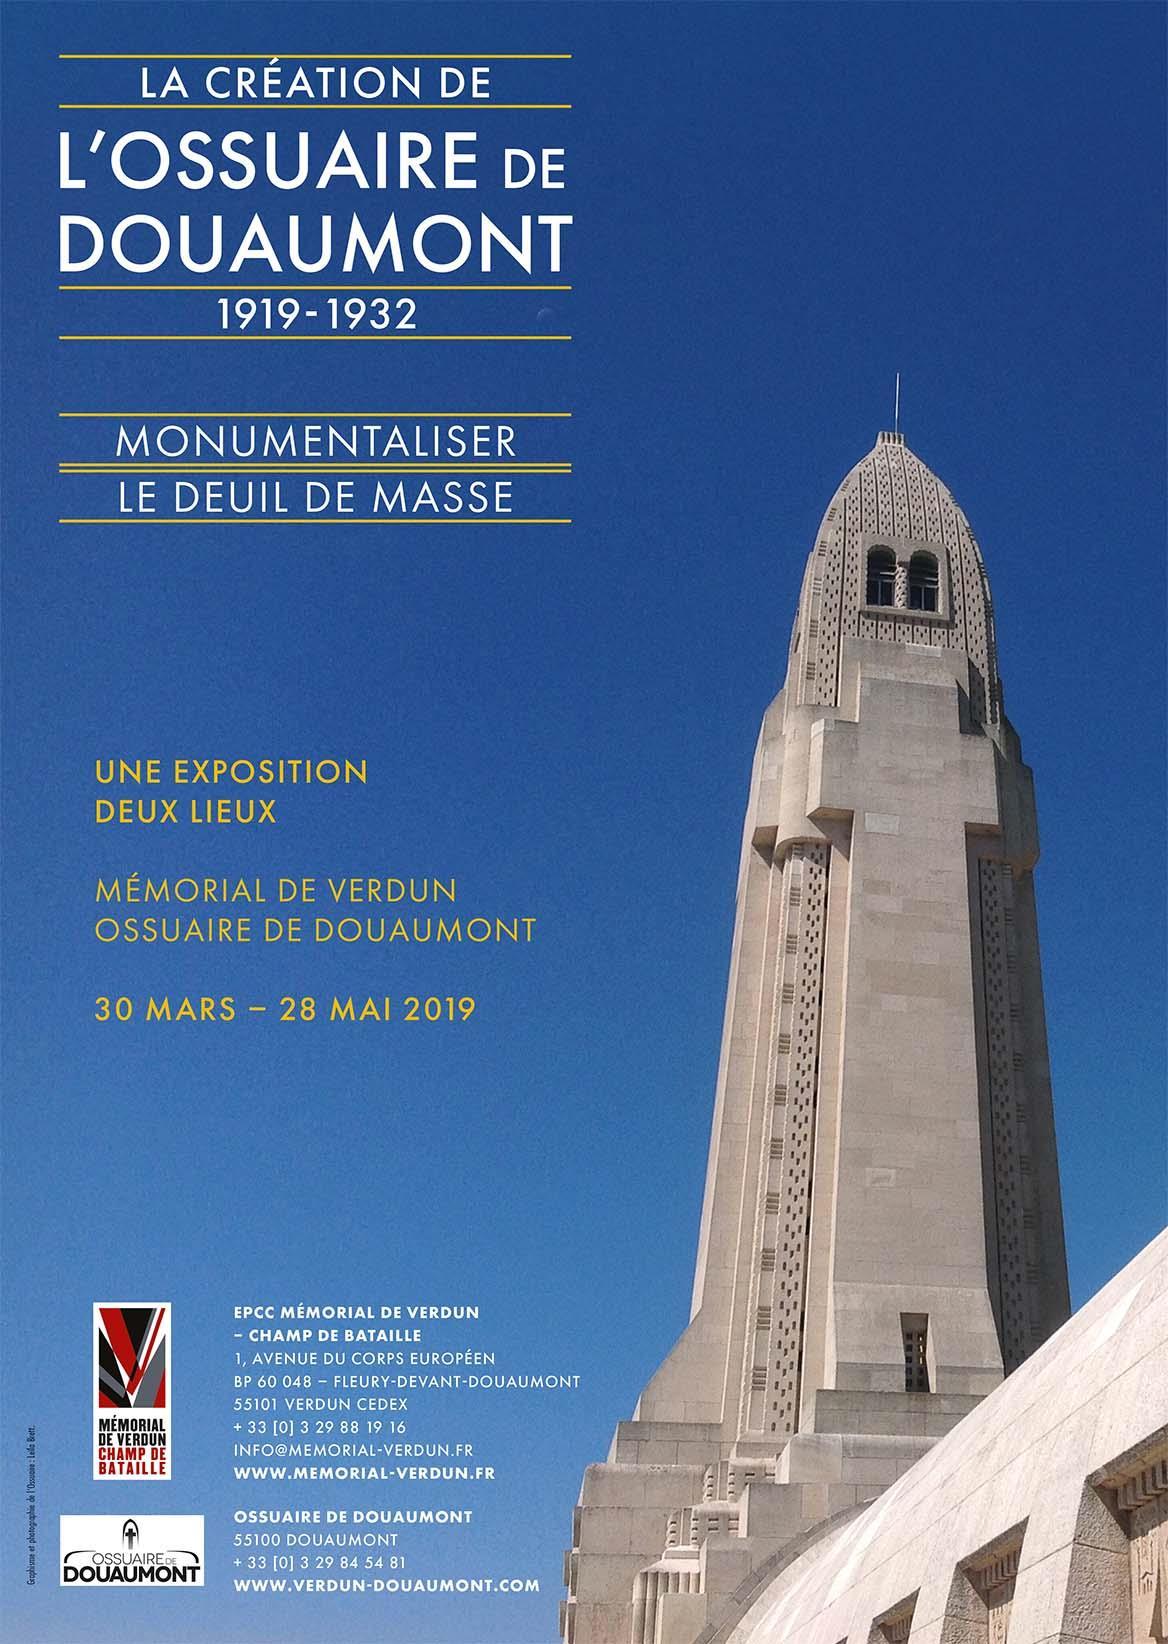 EXPOSITION | LA CRÉATION DE L'OSSUAIRE DE DOUAUMONT (1919-1932). MONUMENTALISER LE DEUIL DE MASSE